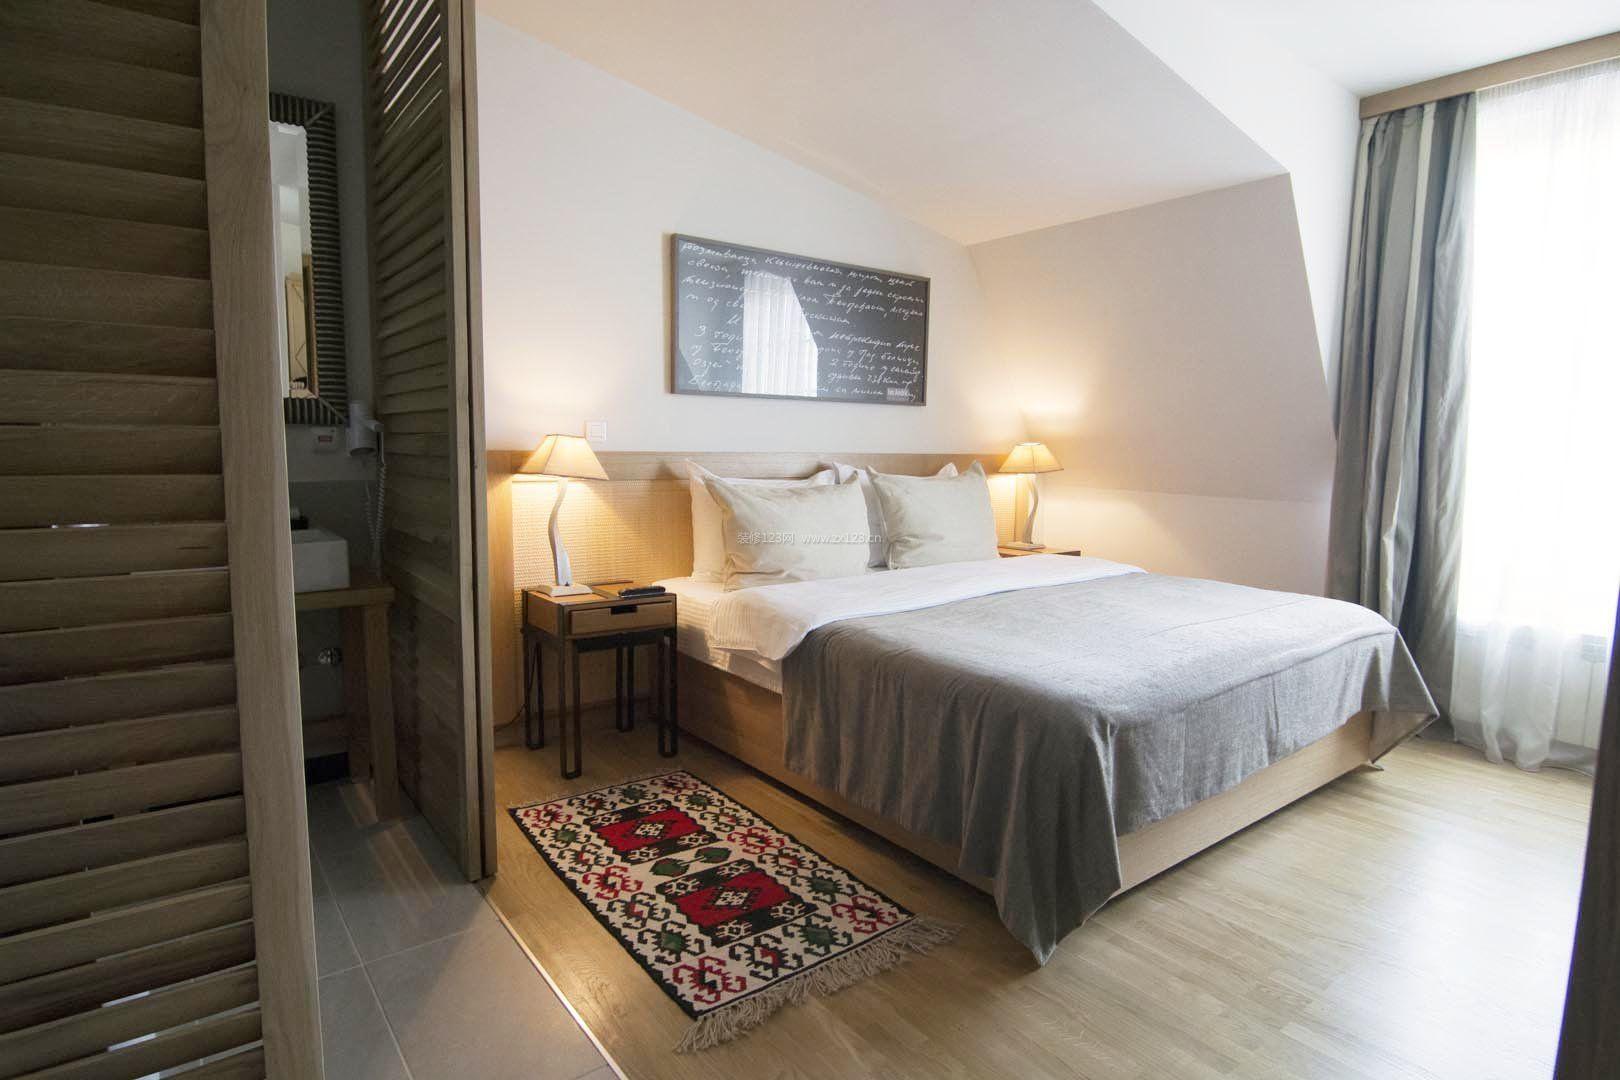 酒店房间装修方案图片图片